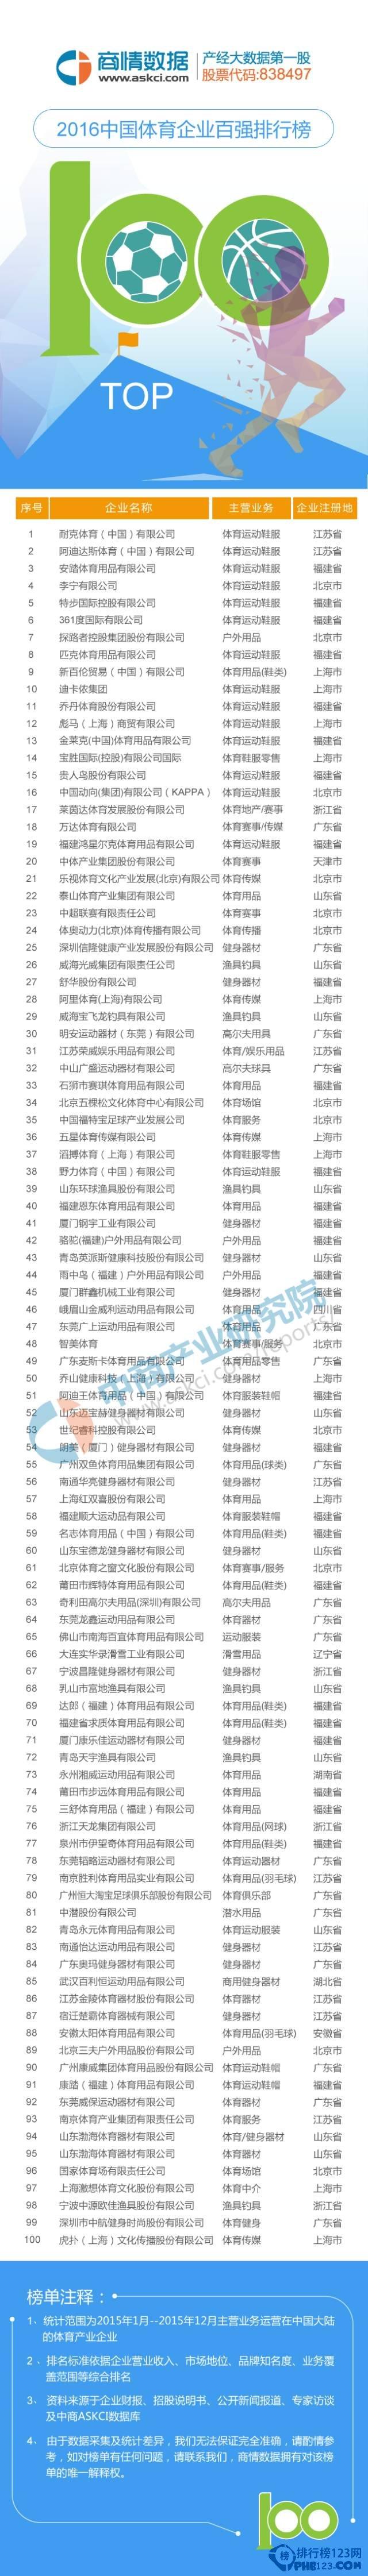 中国体育企业100强图片